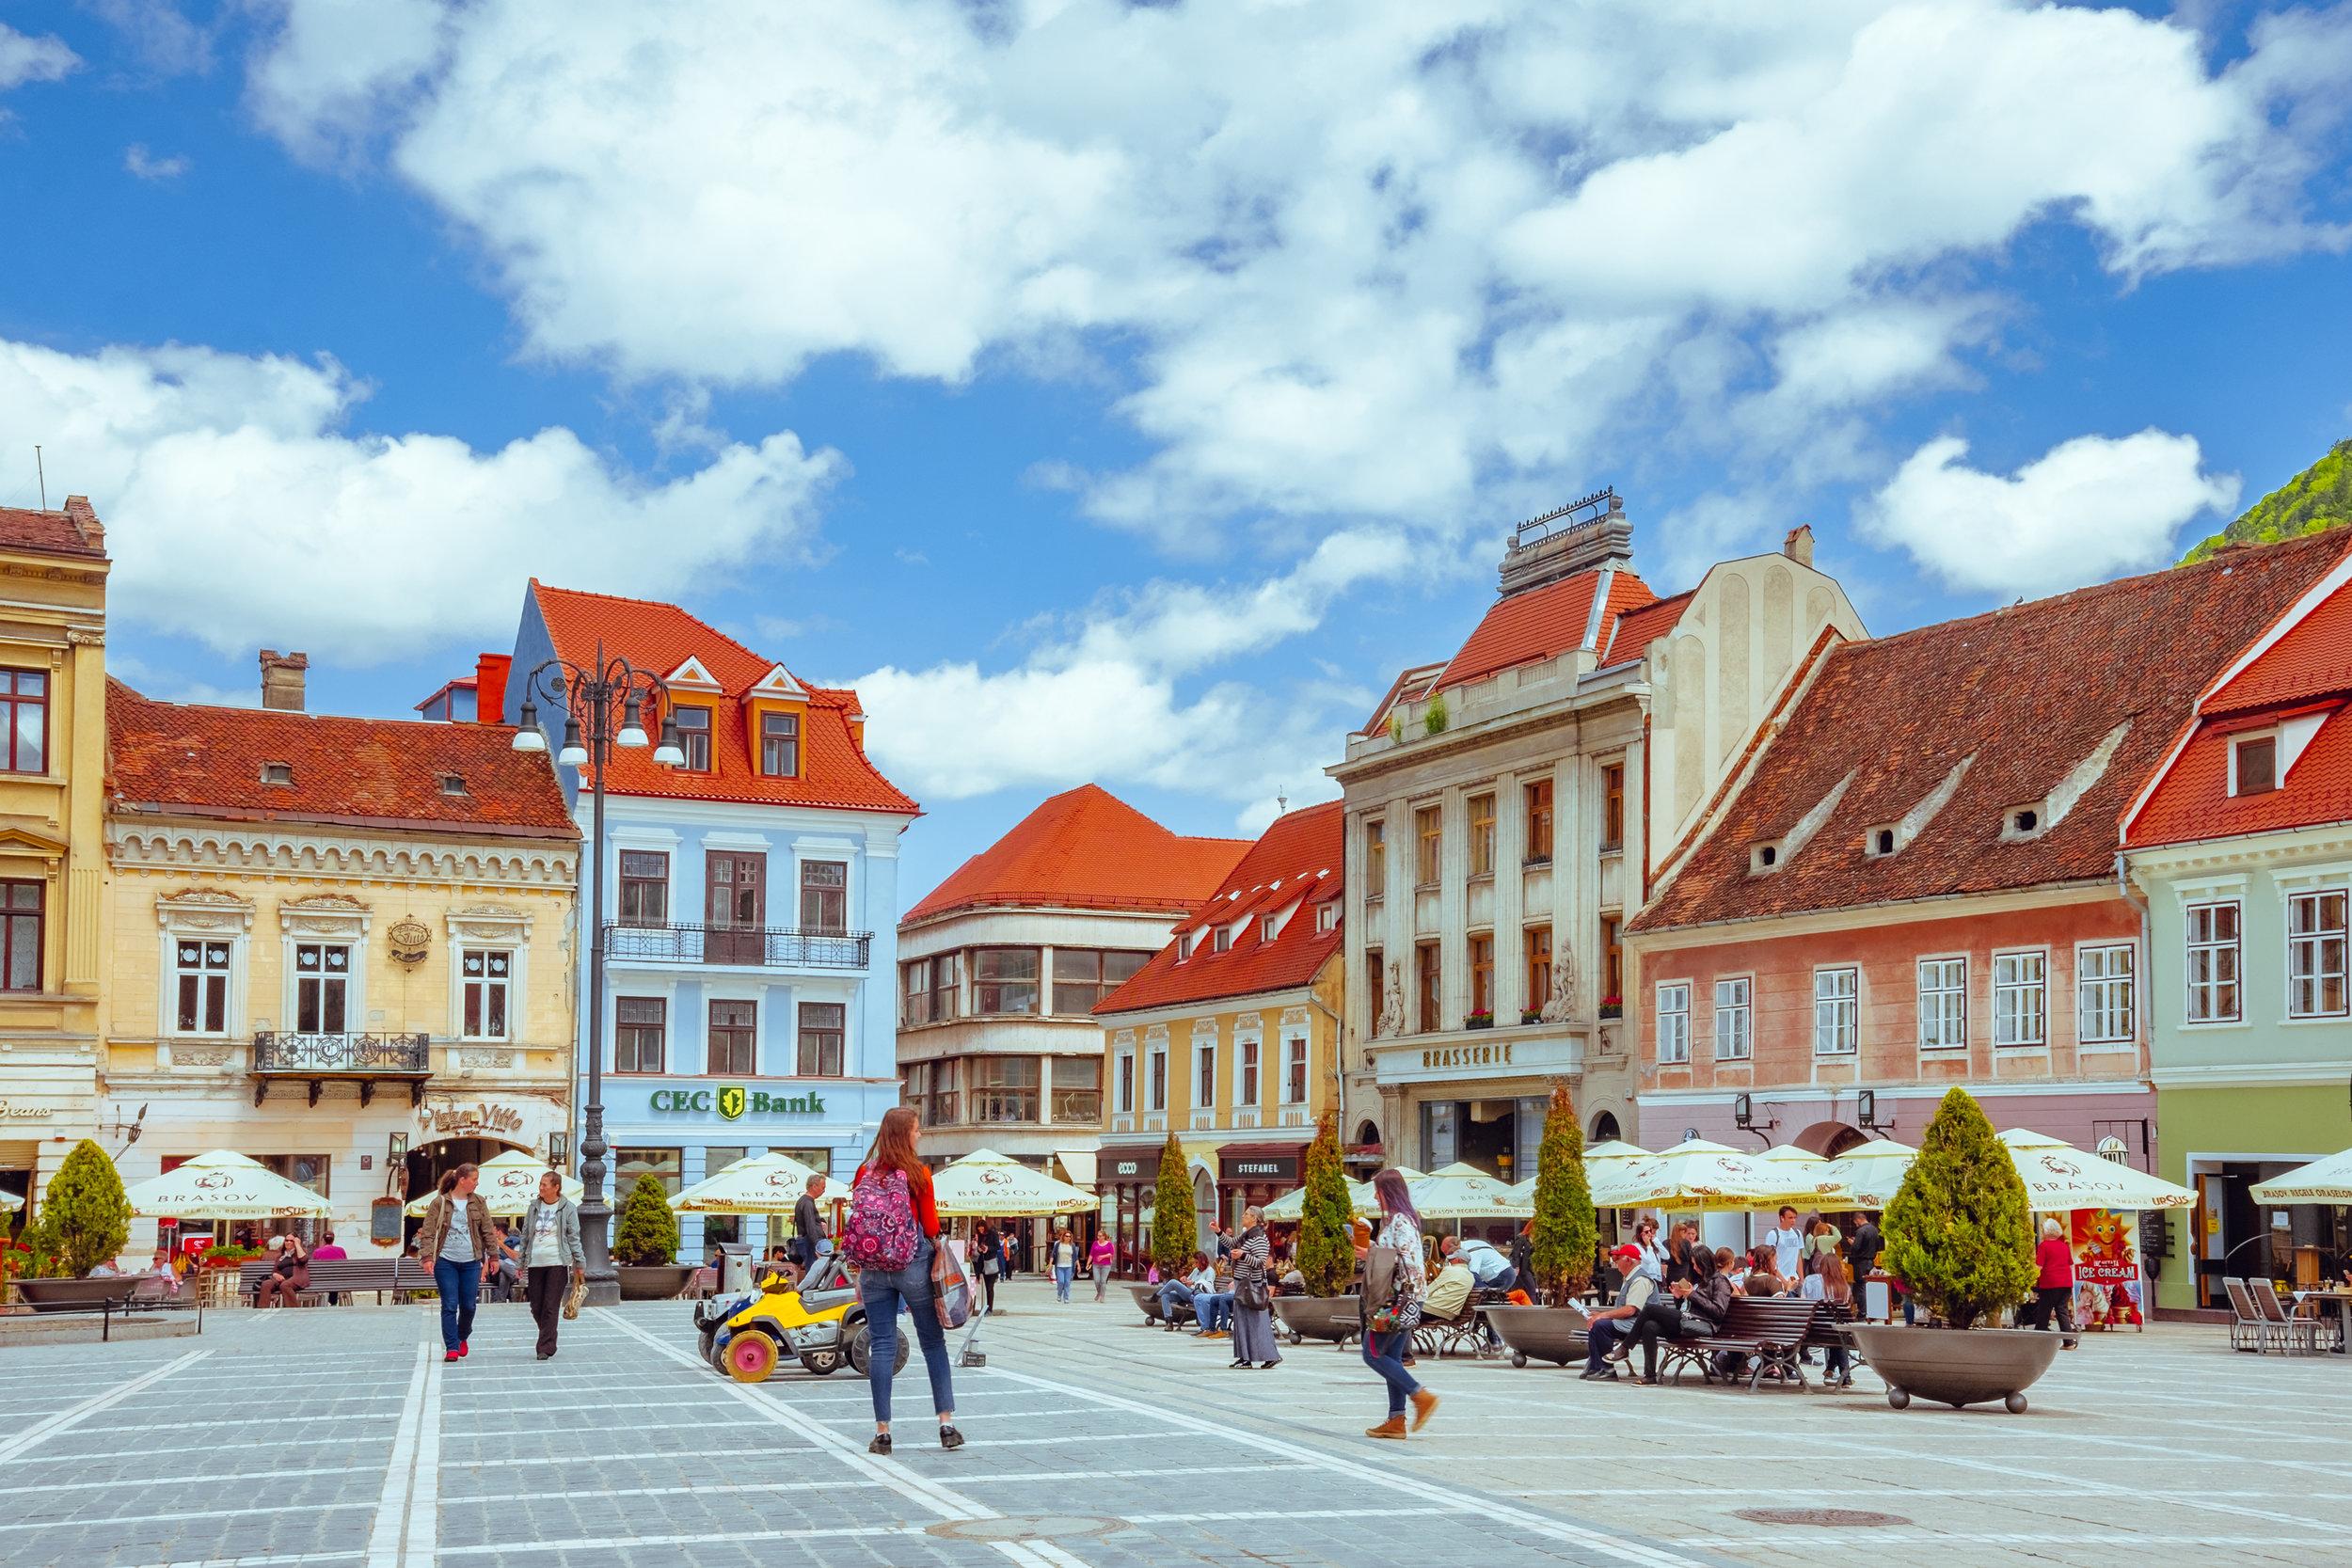 Square Brasov